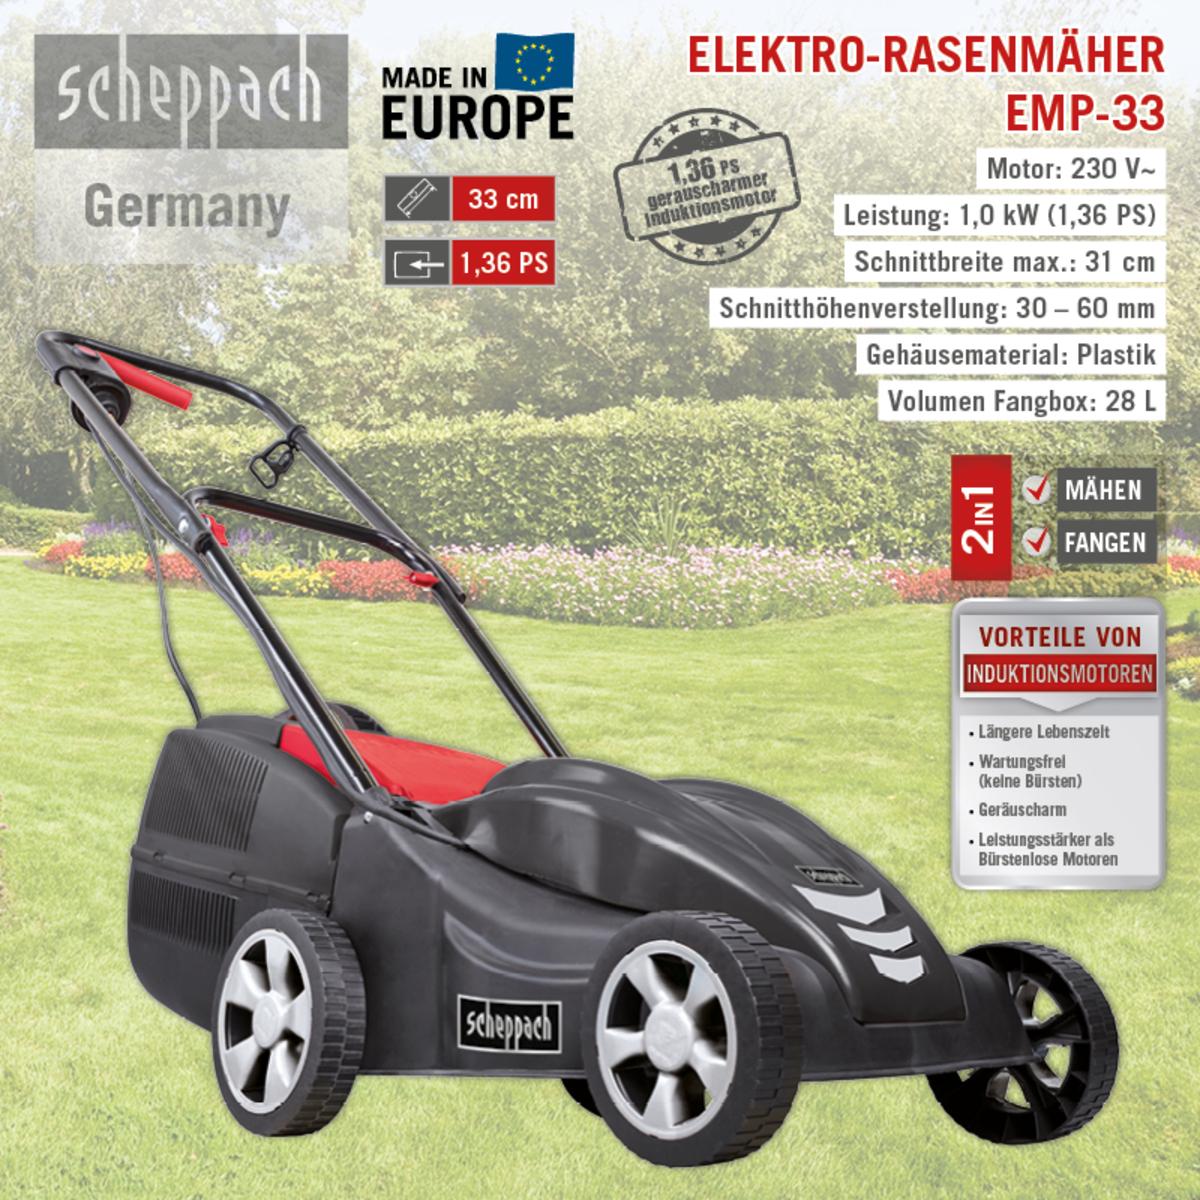 Bild 1 von Scheppach Elektro Rasenmäher EMP-33 1.00kW 230V/50Hz